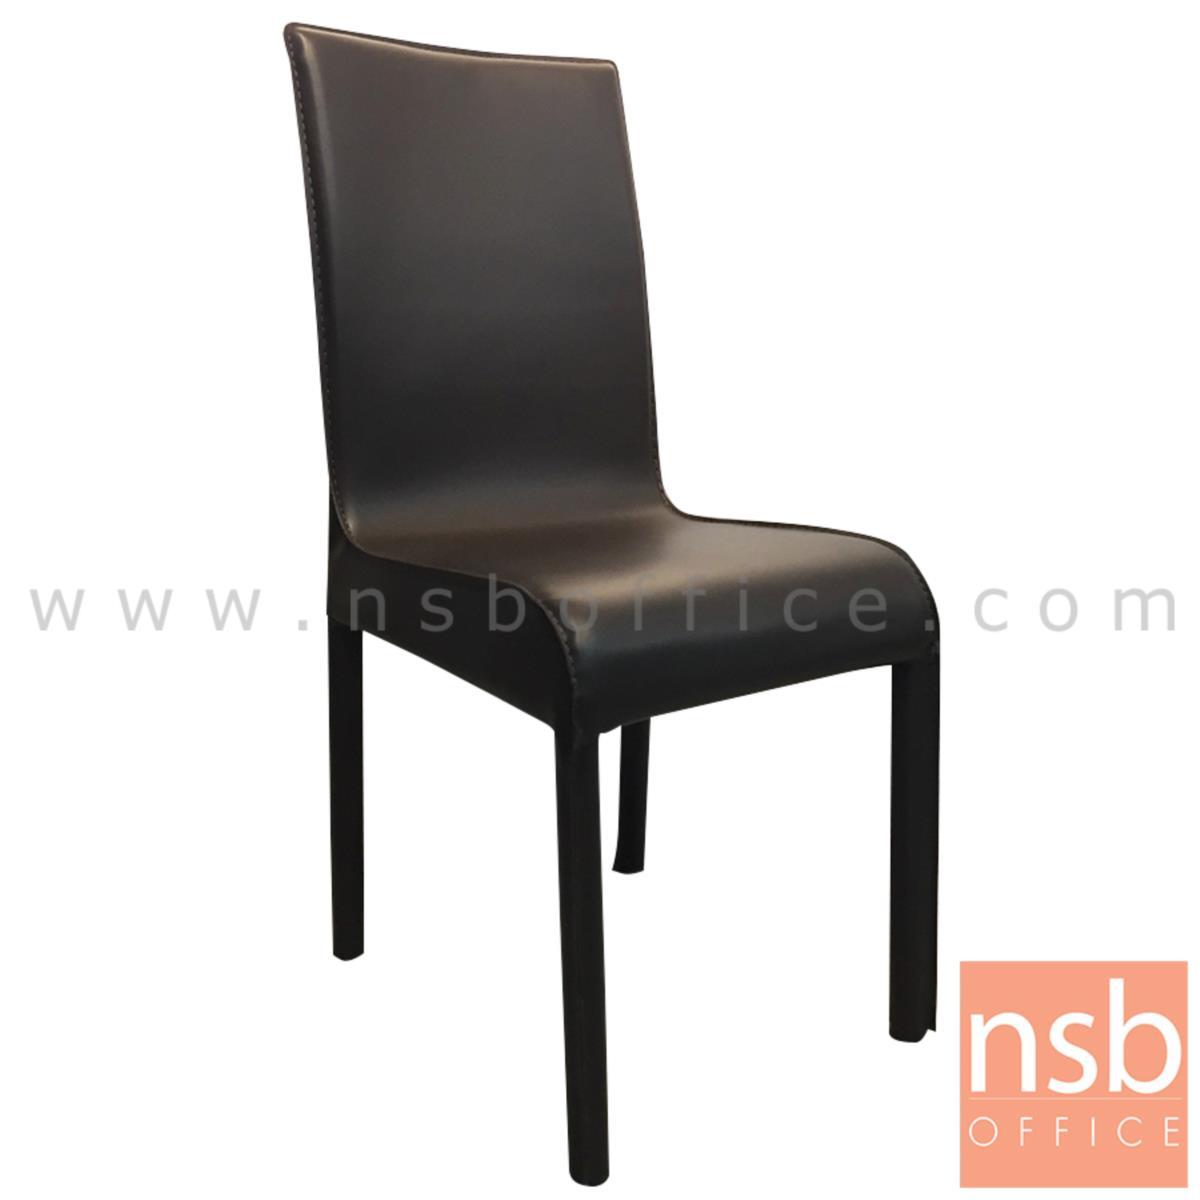 G14A094:เก้าอี้เหล็กที่นั่งหุ้มหนังเทียม รุ่น DS-GEMV ขาเหล็กหุ้มหนังเทียม